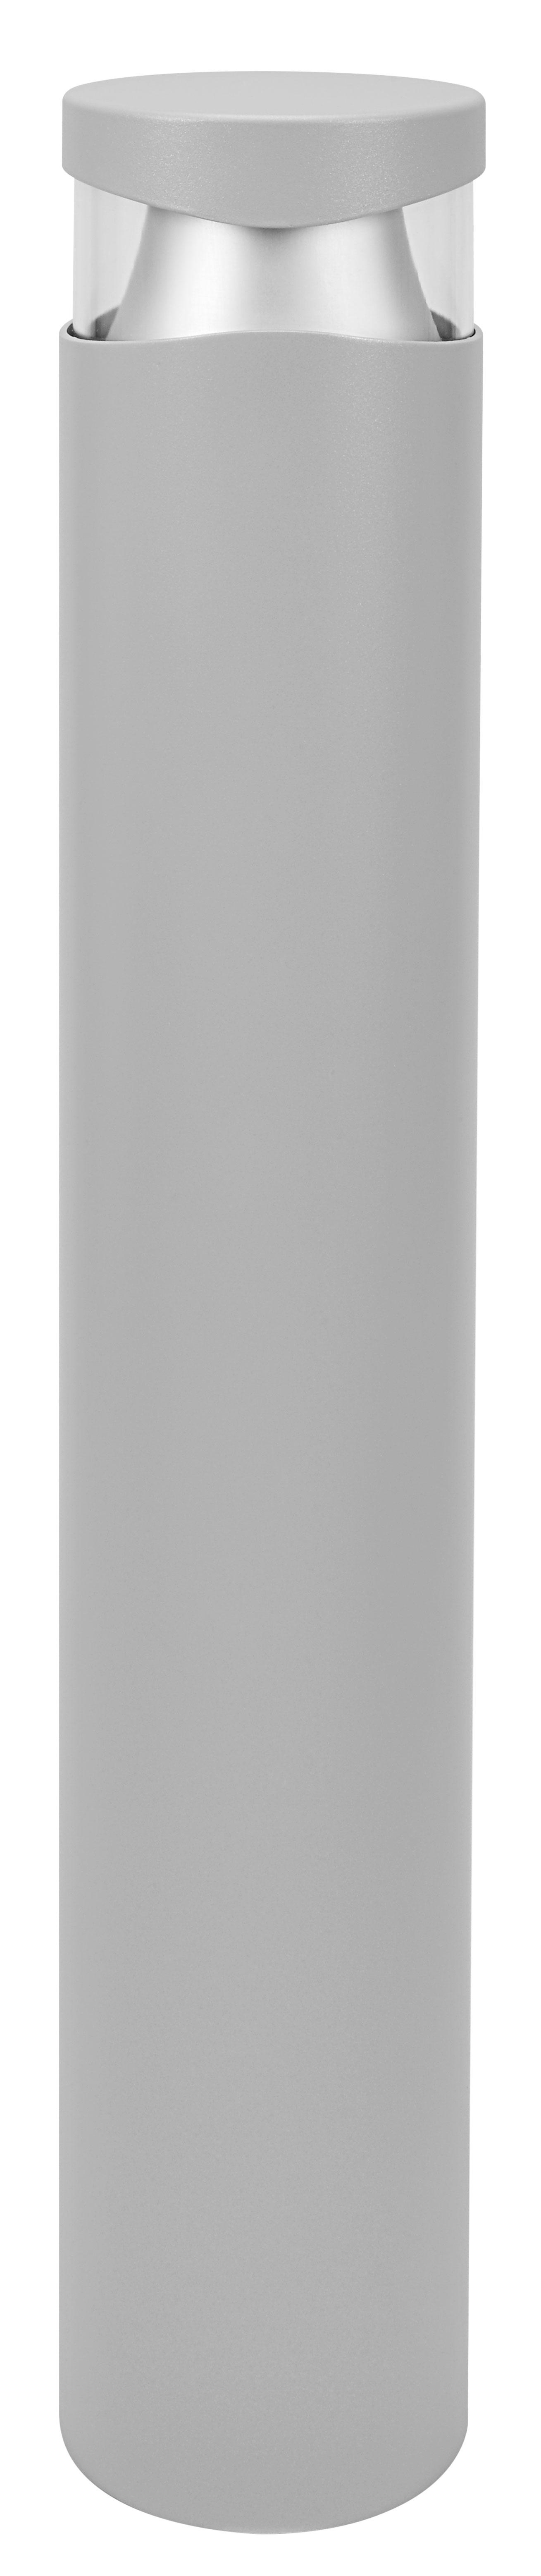 HYDROBOULEVARD 03 360 LED